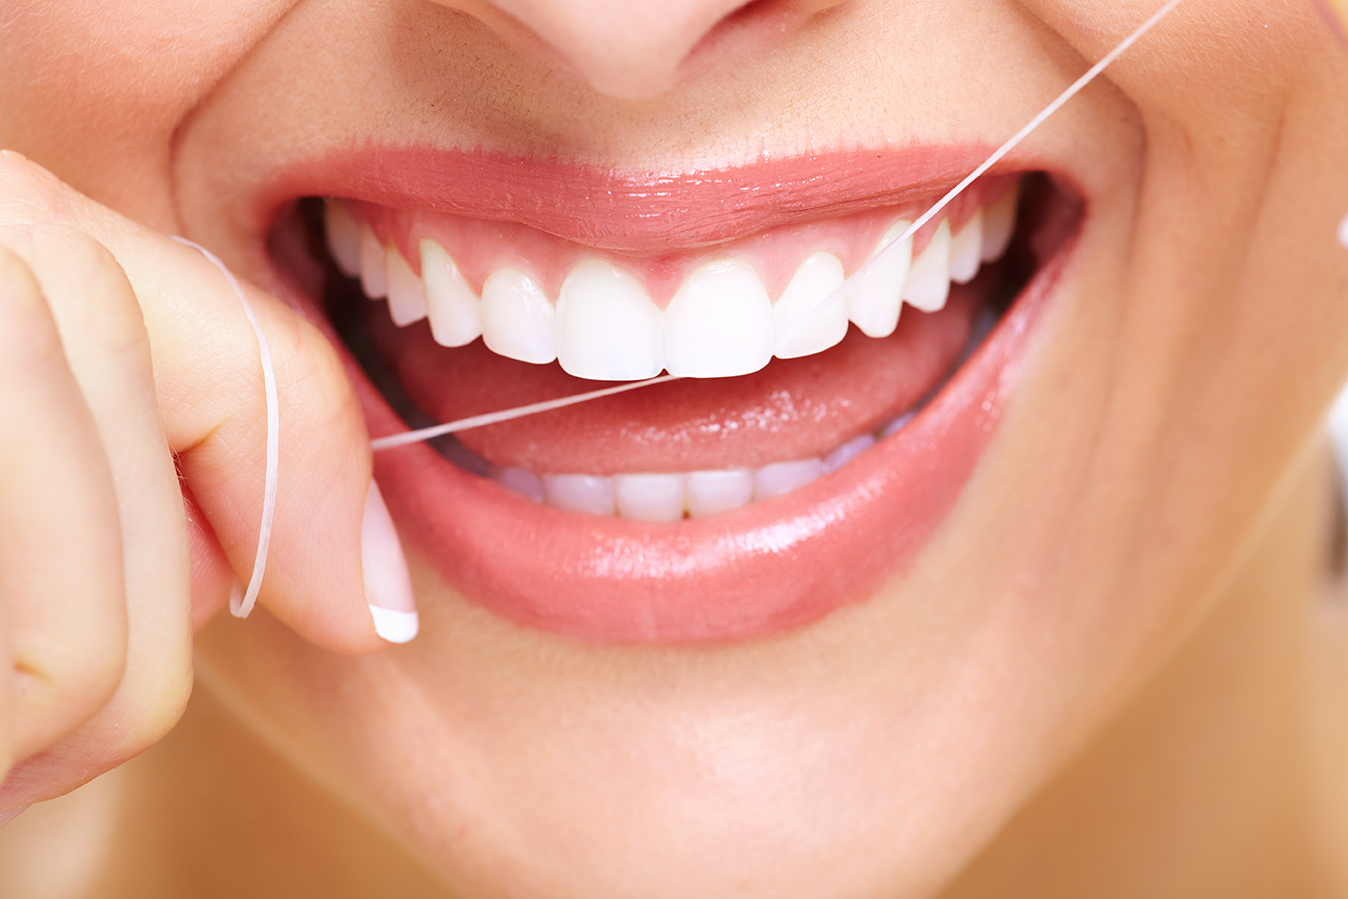 Для підтримки здоровя ясен та зубів потрібно мінімум два рази в рік проходити огляд у лікаря-стоматолога та обов'язково: правильно харчуватись; чистити зуби; користуватись зубною ниткою, ополіскувачем.